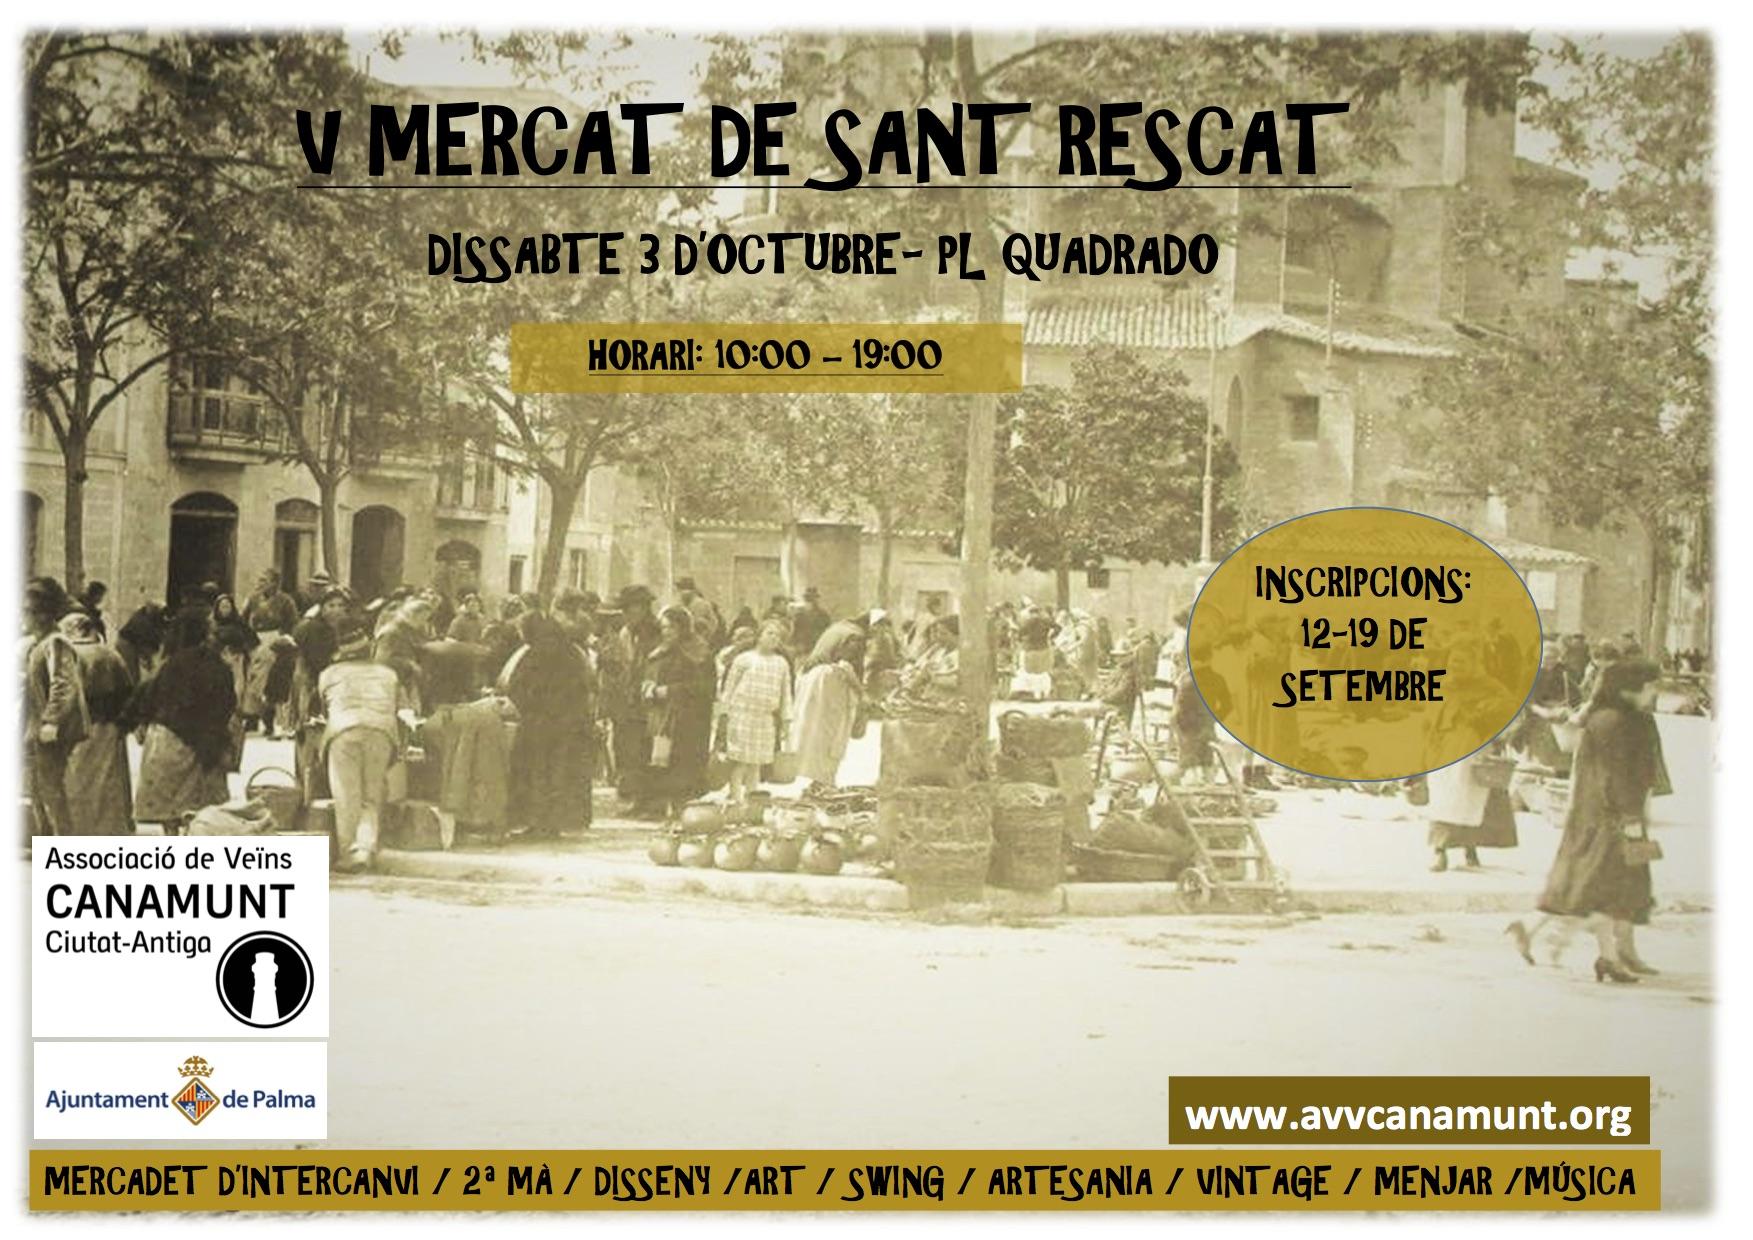 V Mercat de Sant Rescat (03-10-15)